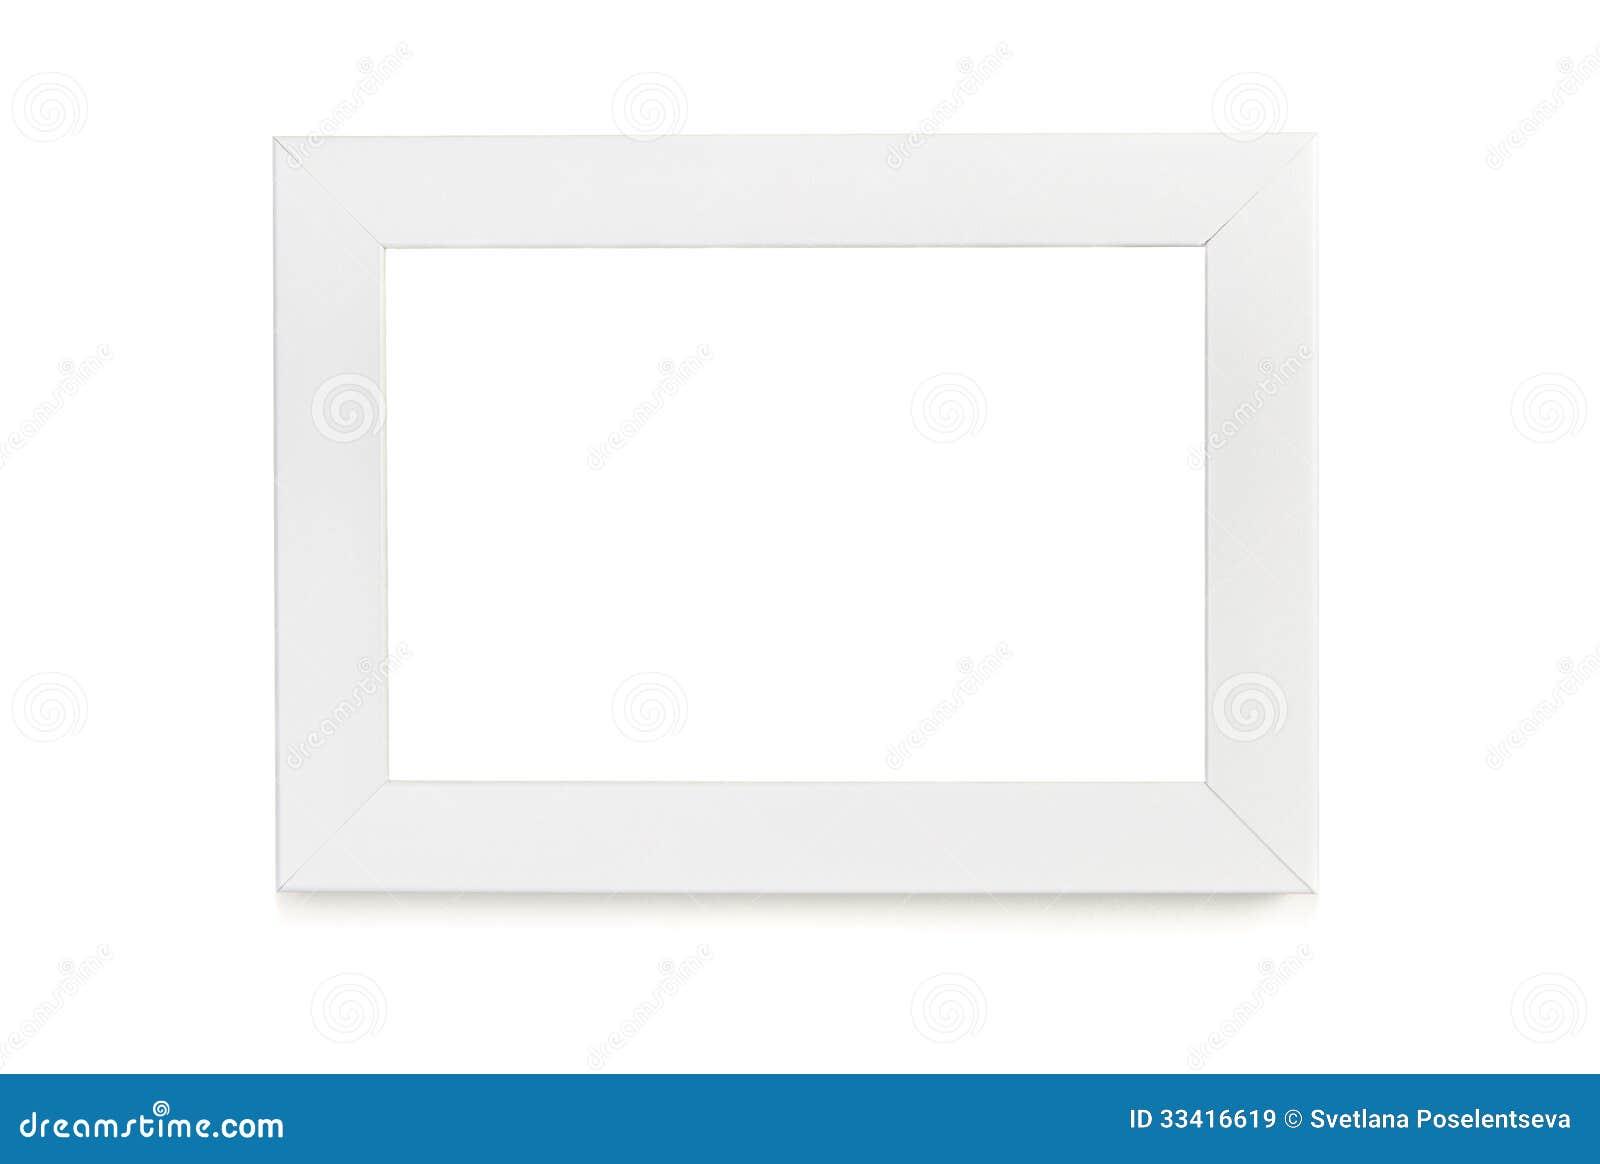 Weißer Bilderrahmen über Weißem Hintergrund Stockbild - Bild von ...